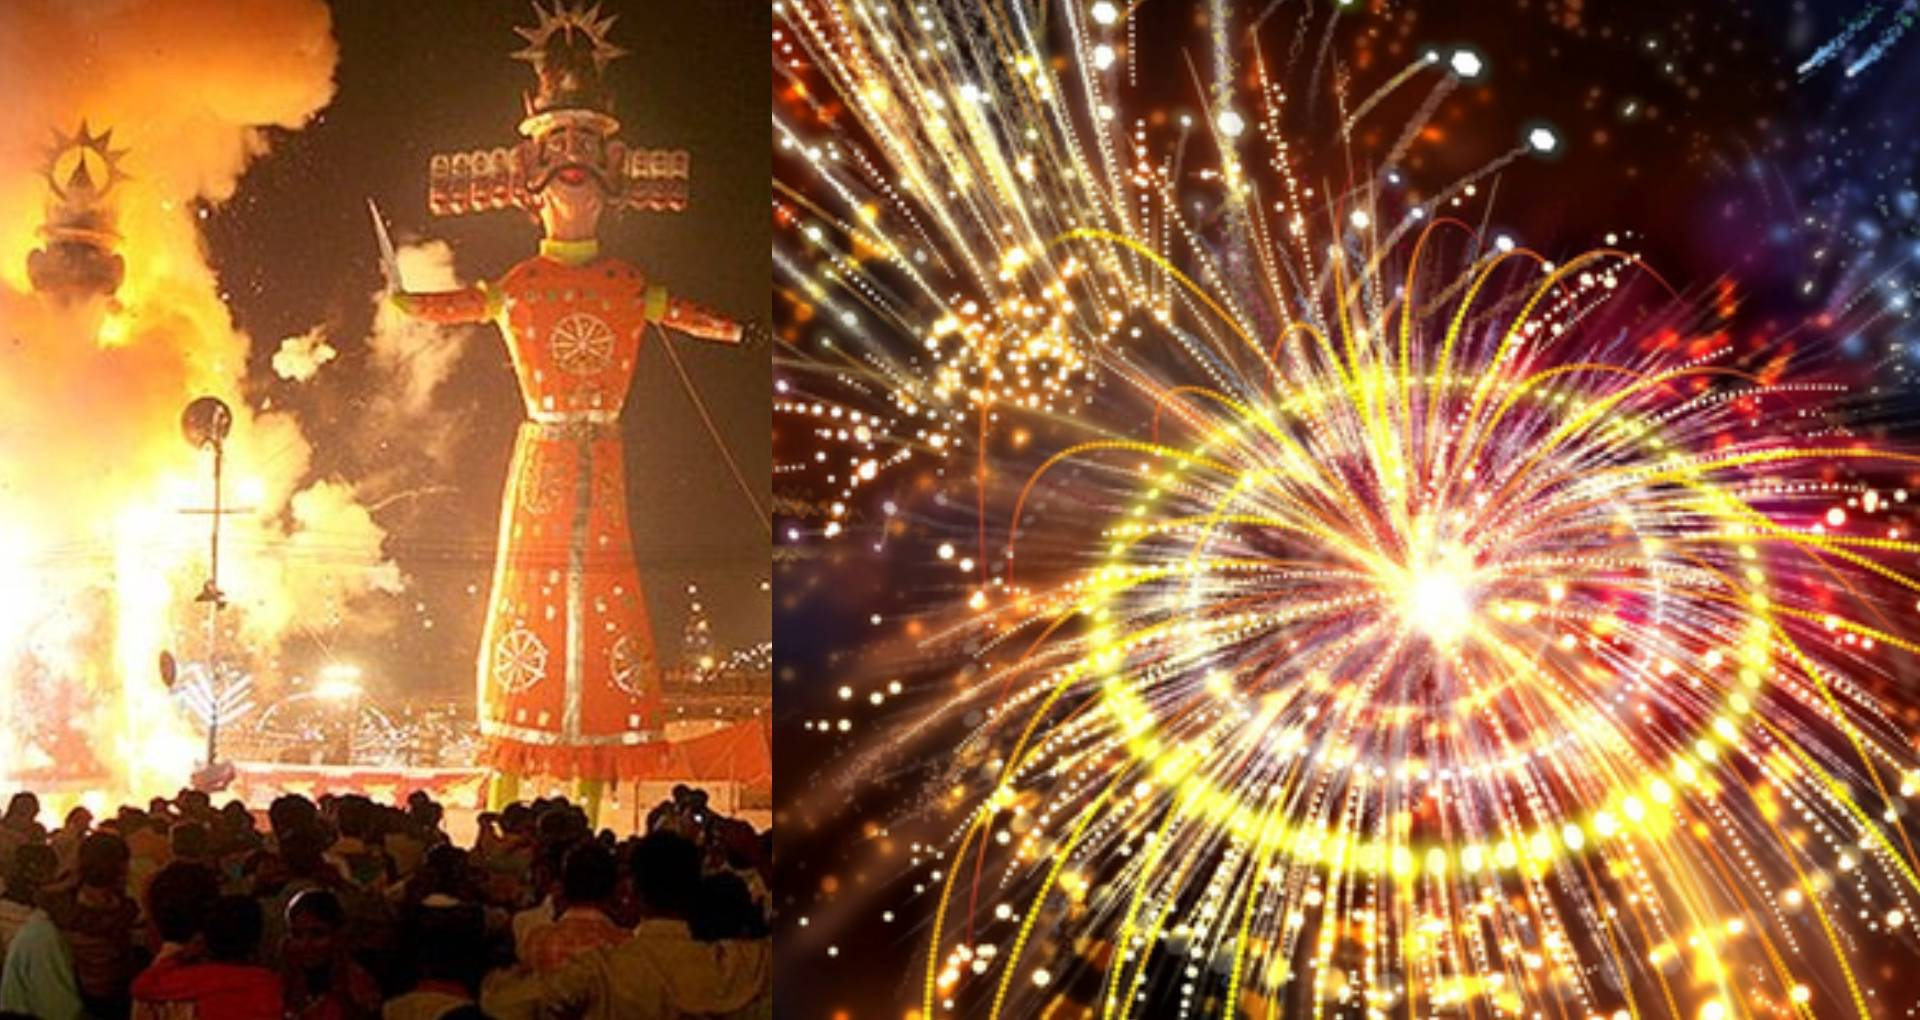 Hindu Calendar October 2019: दशहरा, करवाचौथ और दिवाली सहित अक्टूबर में पड़ेंगे ये बड़े त्योहार और व्रत